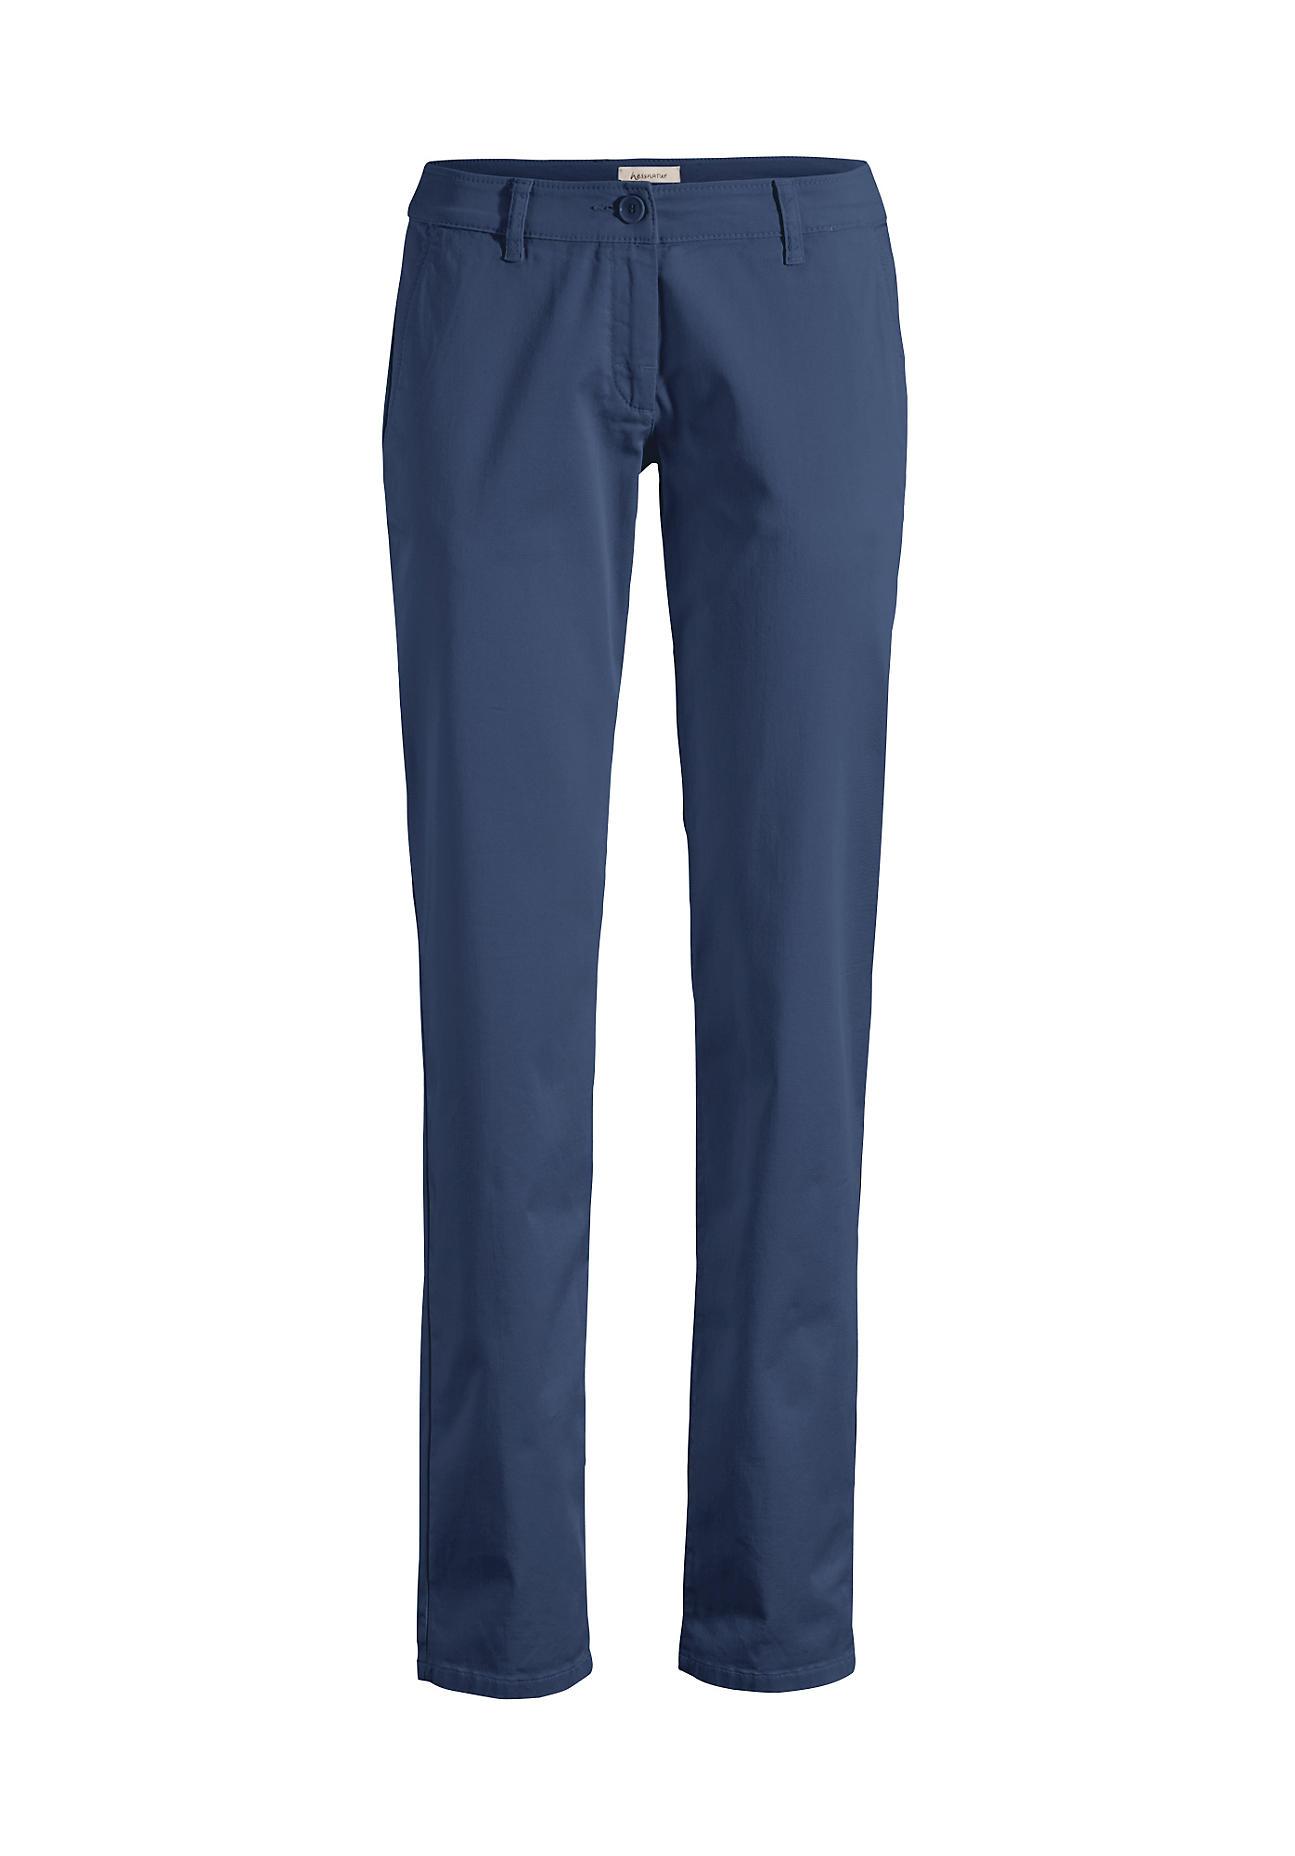 Hosen für Frauen - hessnatur Damen Chino aus Bio Baumwolle – blau –  - Onlineshop Hessnatur